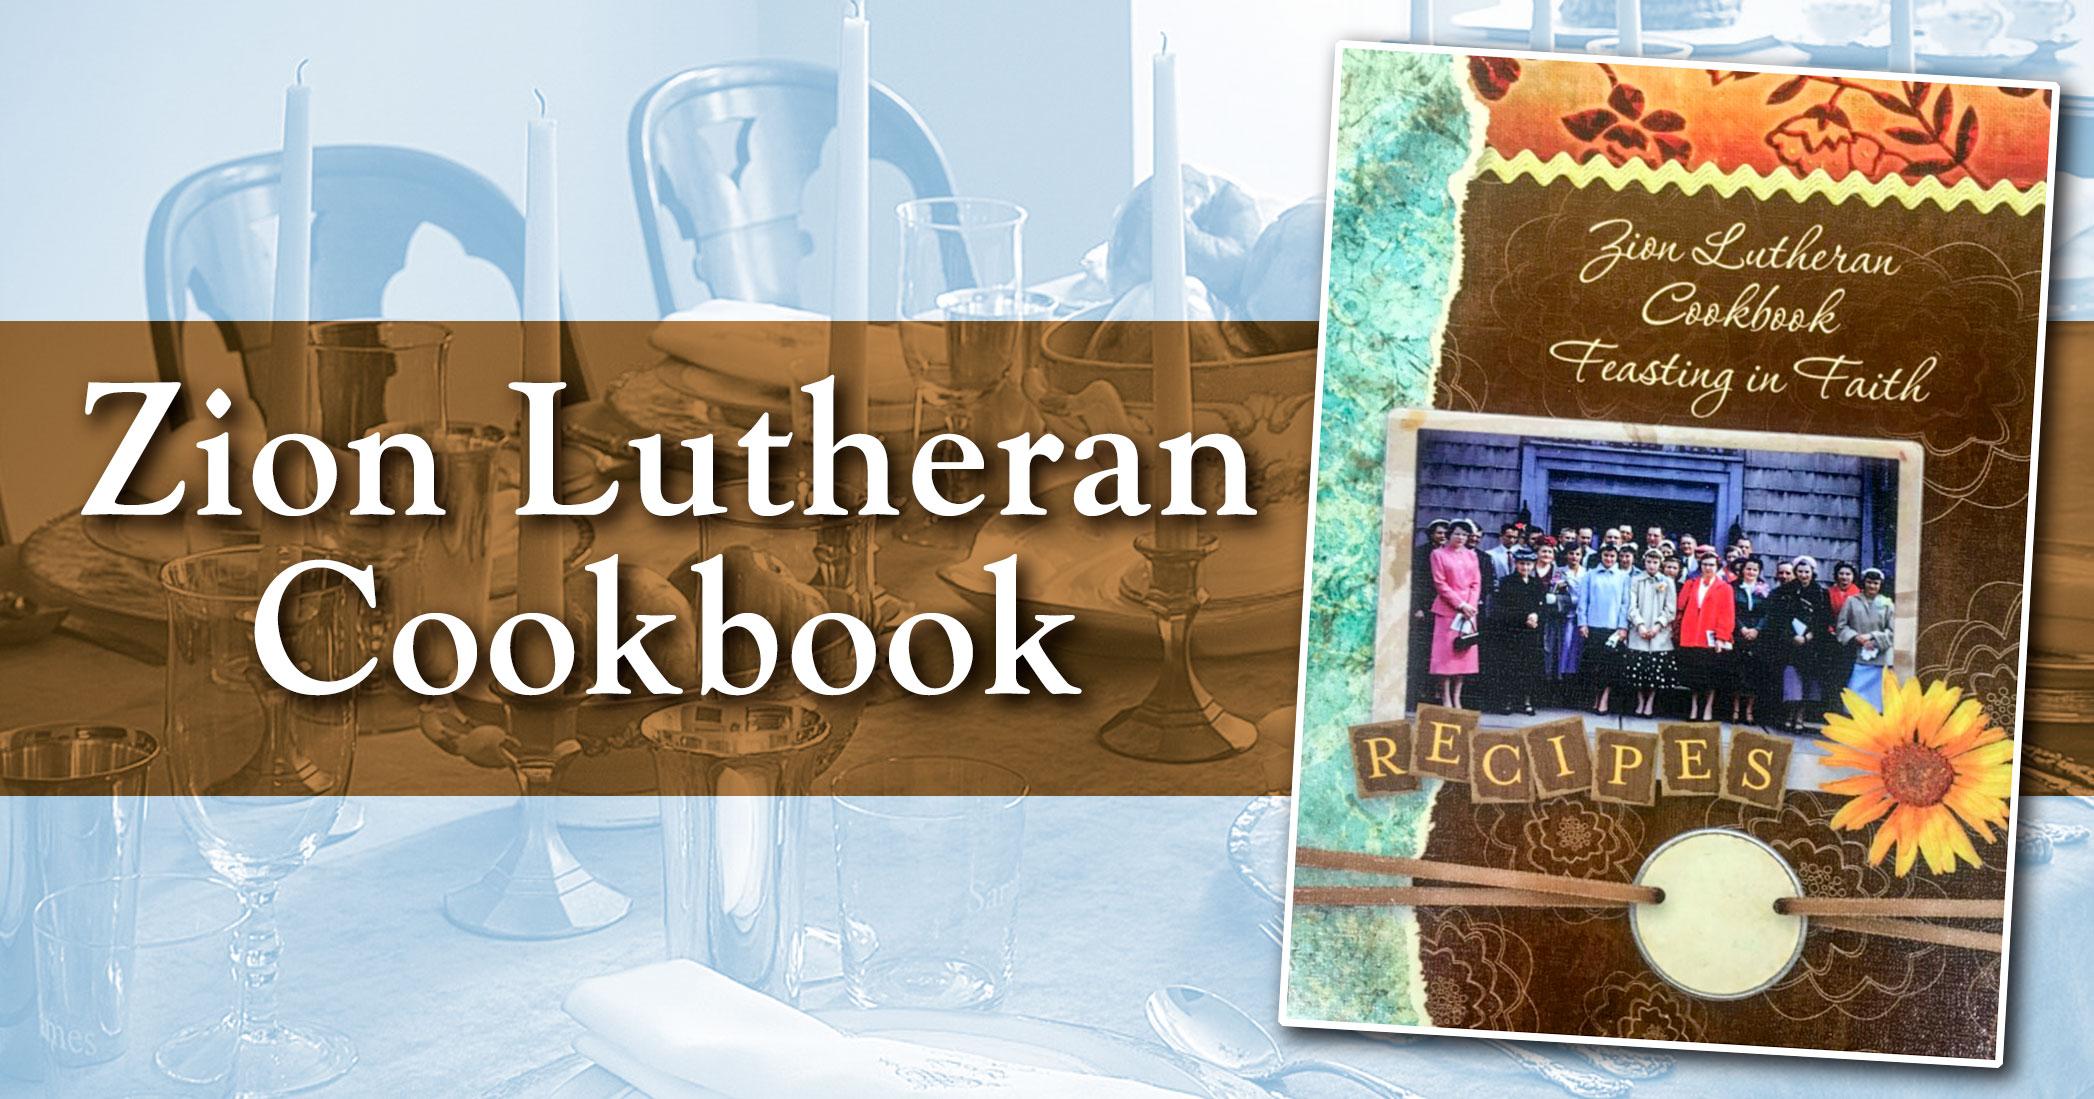 Zion-Lutheran-Cookbook-2019.jpg